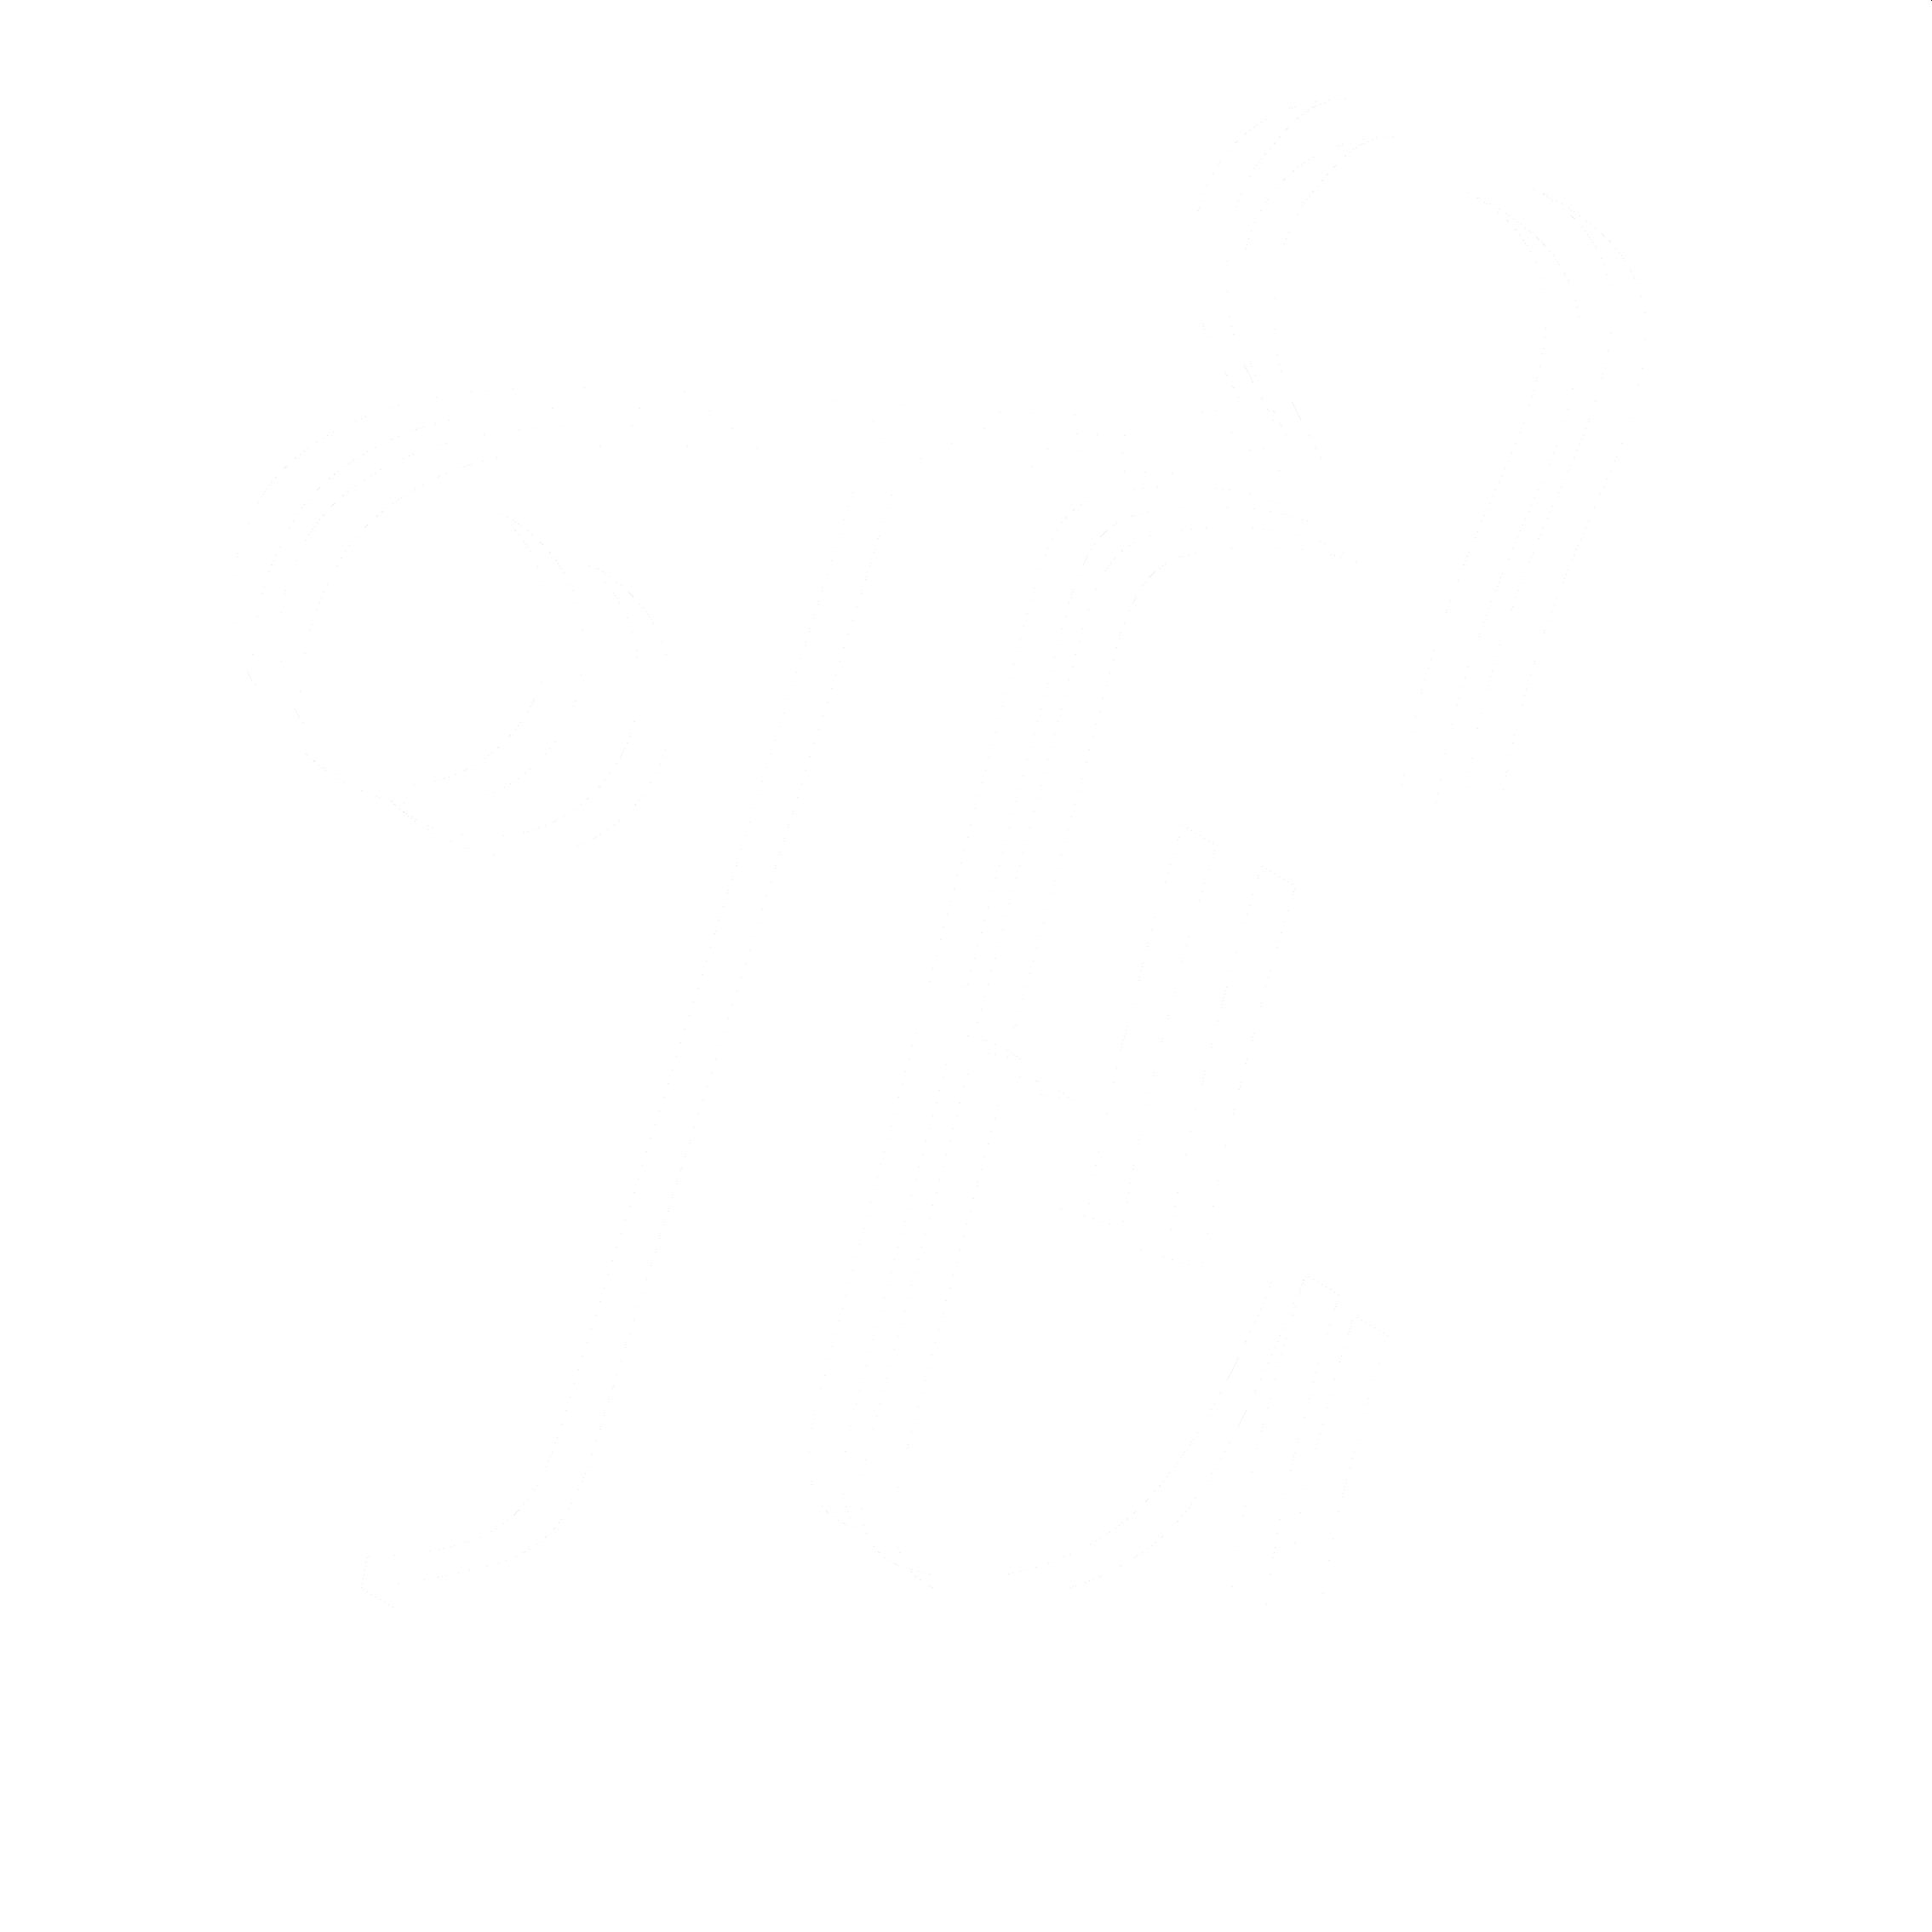 b-double-transpa